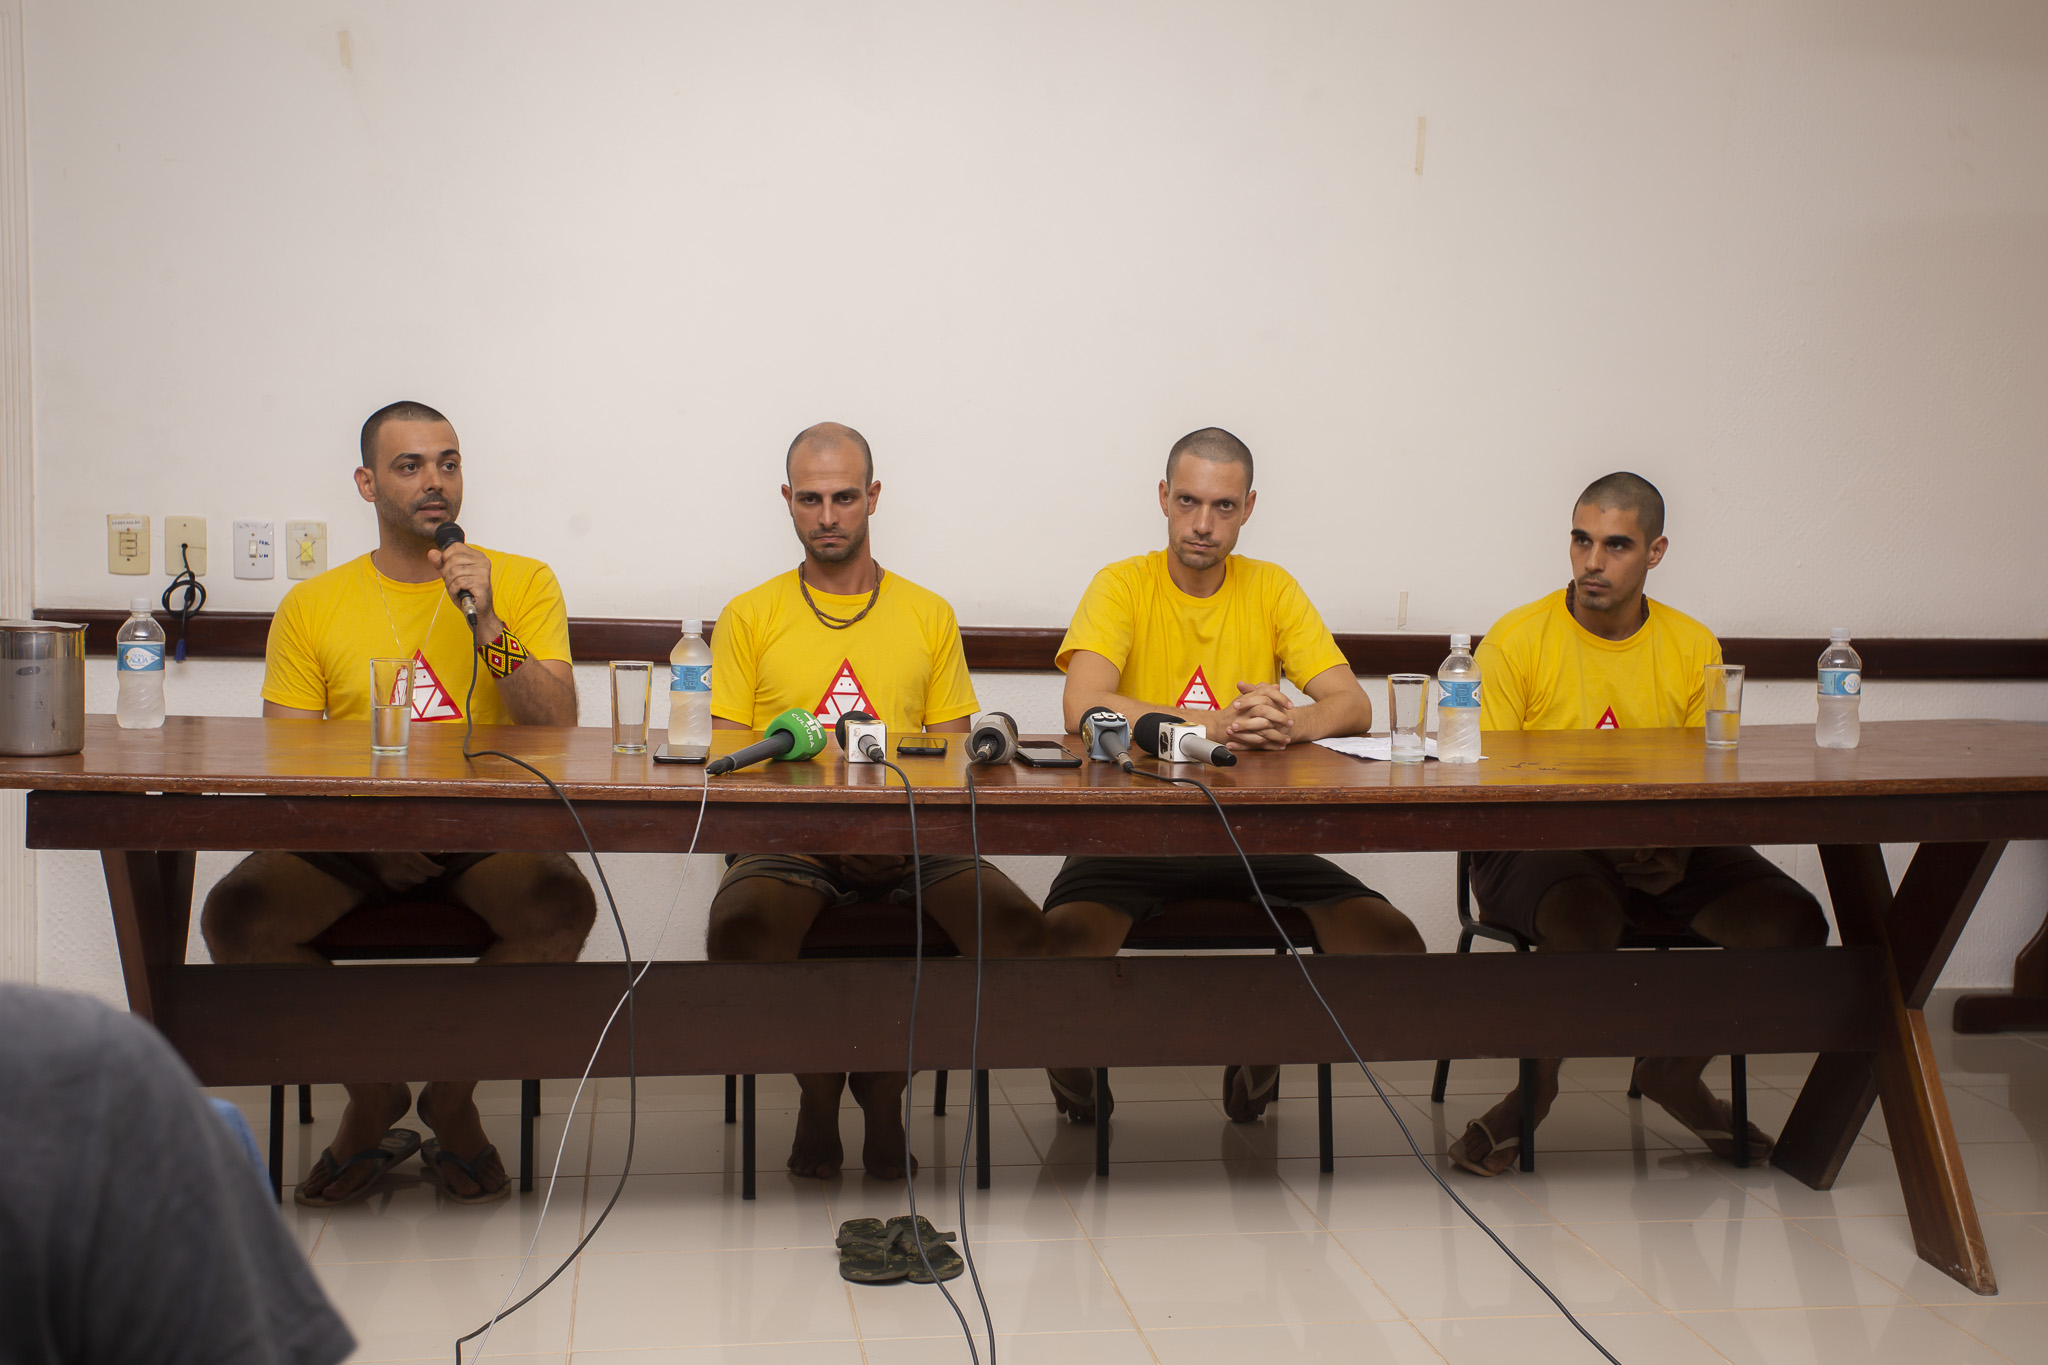 Os brigadistas de Alter do Chão, da esquerda para a direita: Gustavo de Almeida Fernandes, Marcelo Aron Cwerner, Daniel Gutierrez Govino e João Victor Pereira Romano.